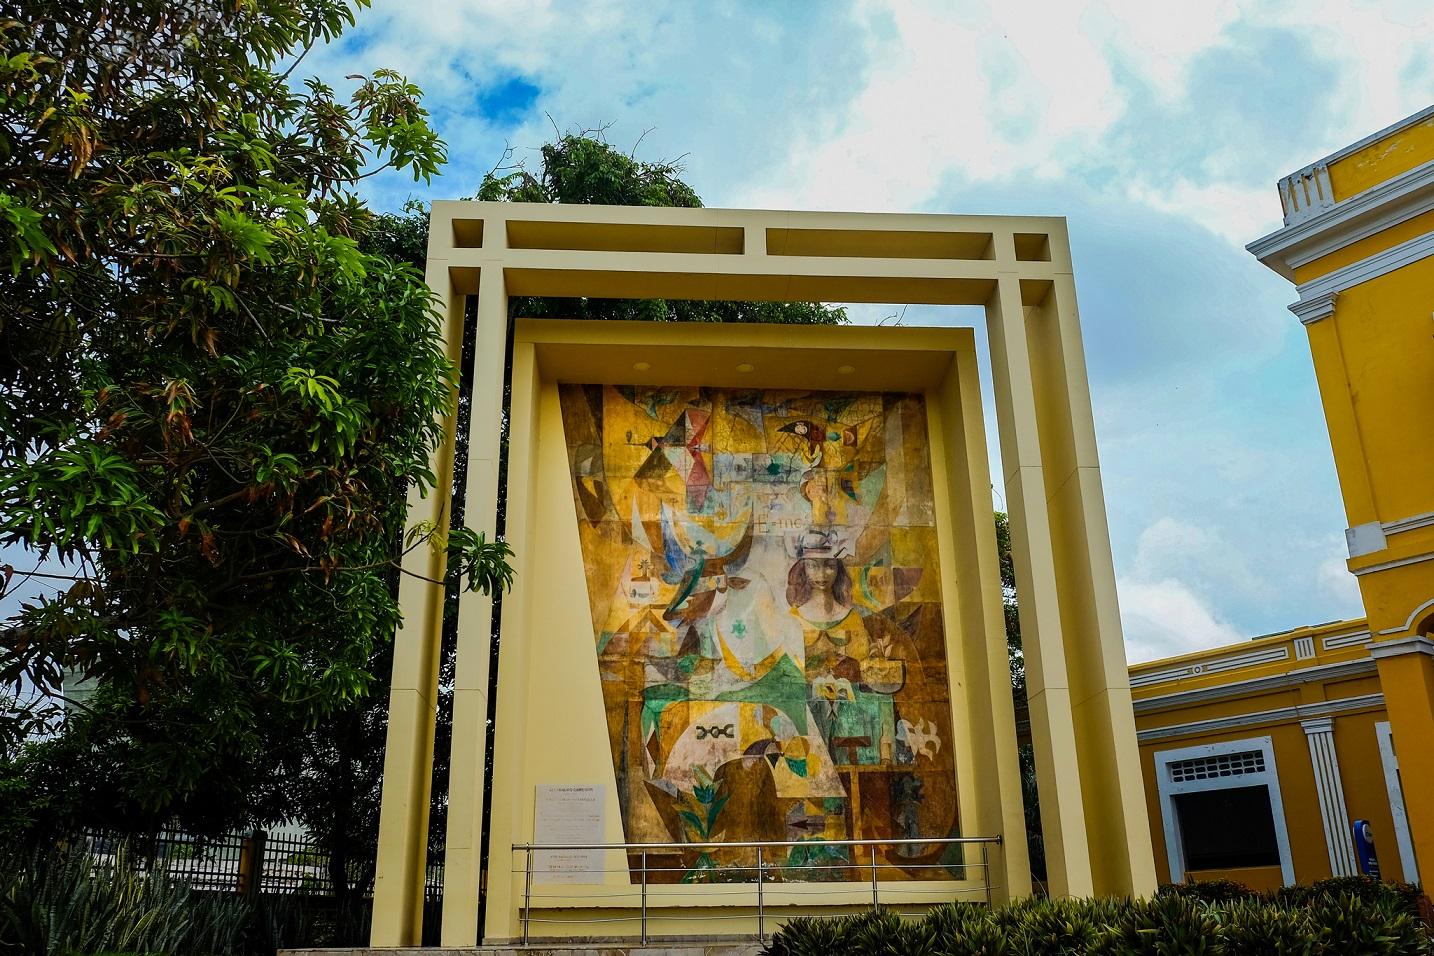 Simbología de Barranquilla por Alejandro Obregón, ubicado en la Aduana de Barranquilla. Foto: Carlos Parra Rios - Secretaría Distrital de Cultura